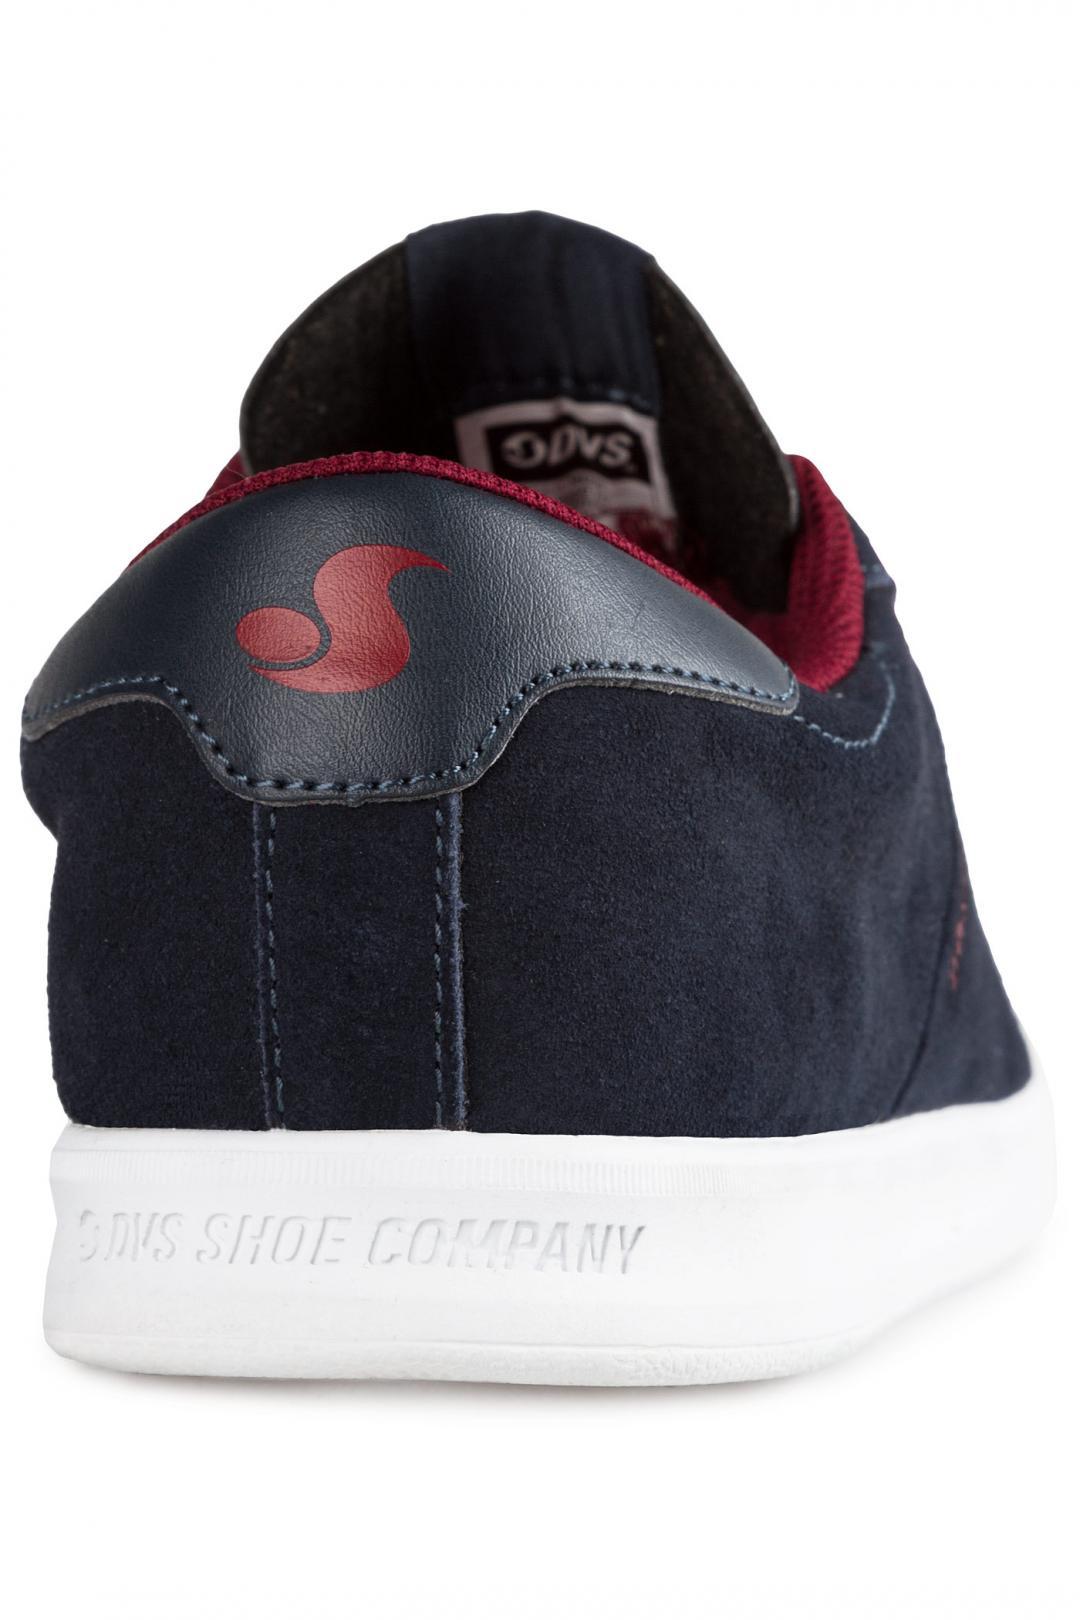 Uomo DVS Rico SC Suede navy port cico | Sneakers low top